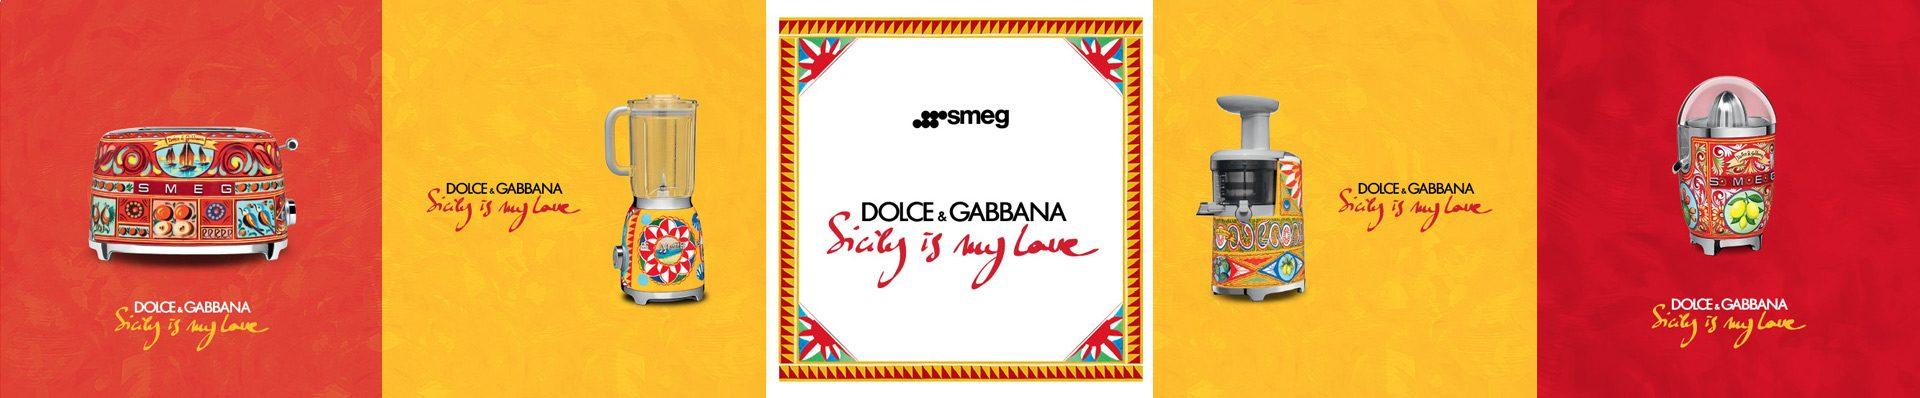 Эксклюзивная серия от Dolce & Gabbana и Smeg